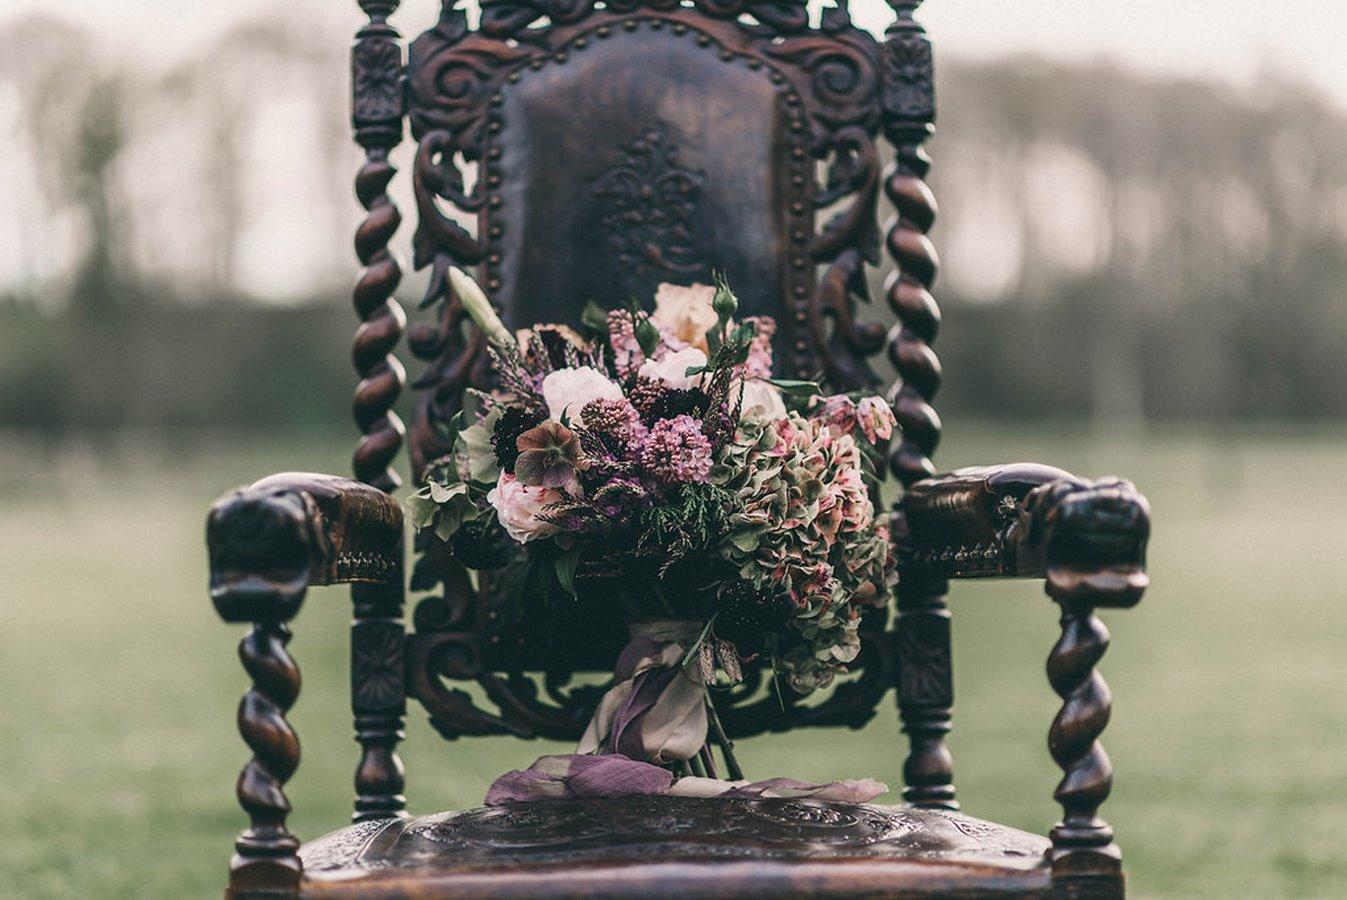 un mariage langlaise lily paloma - Domaine De La Navarre Mariage